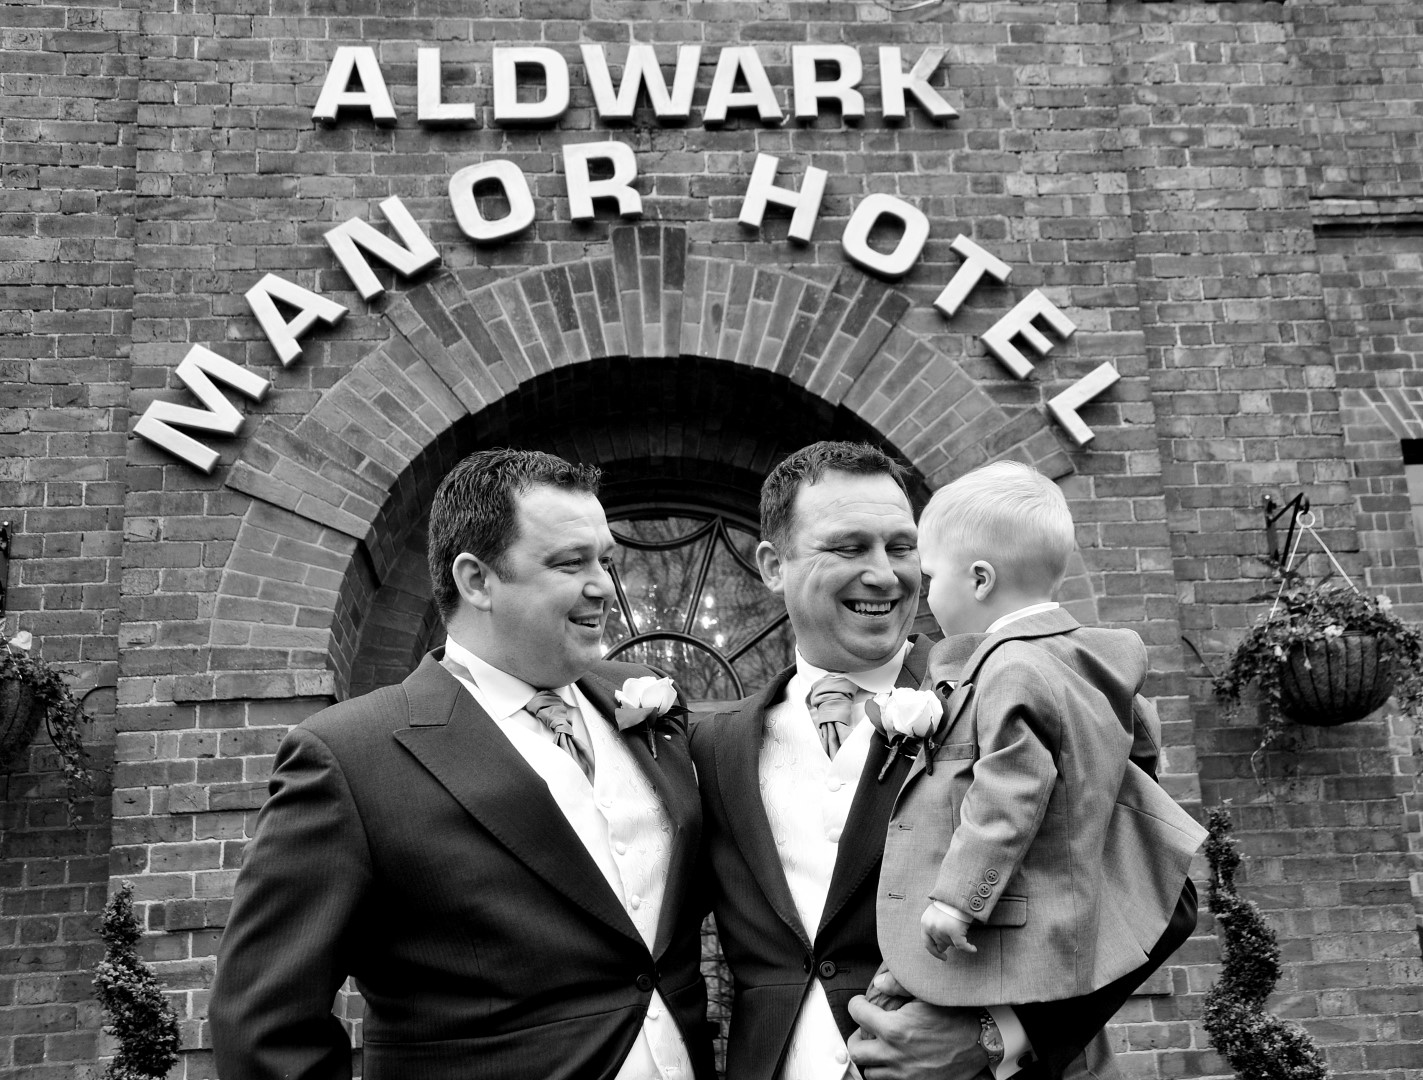 weddings-aldwrk